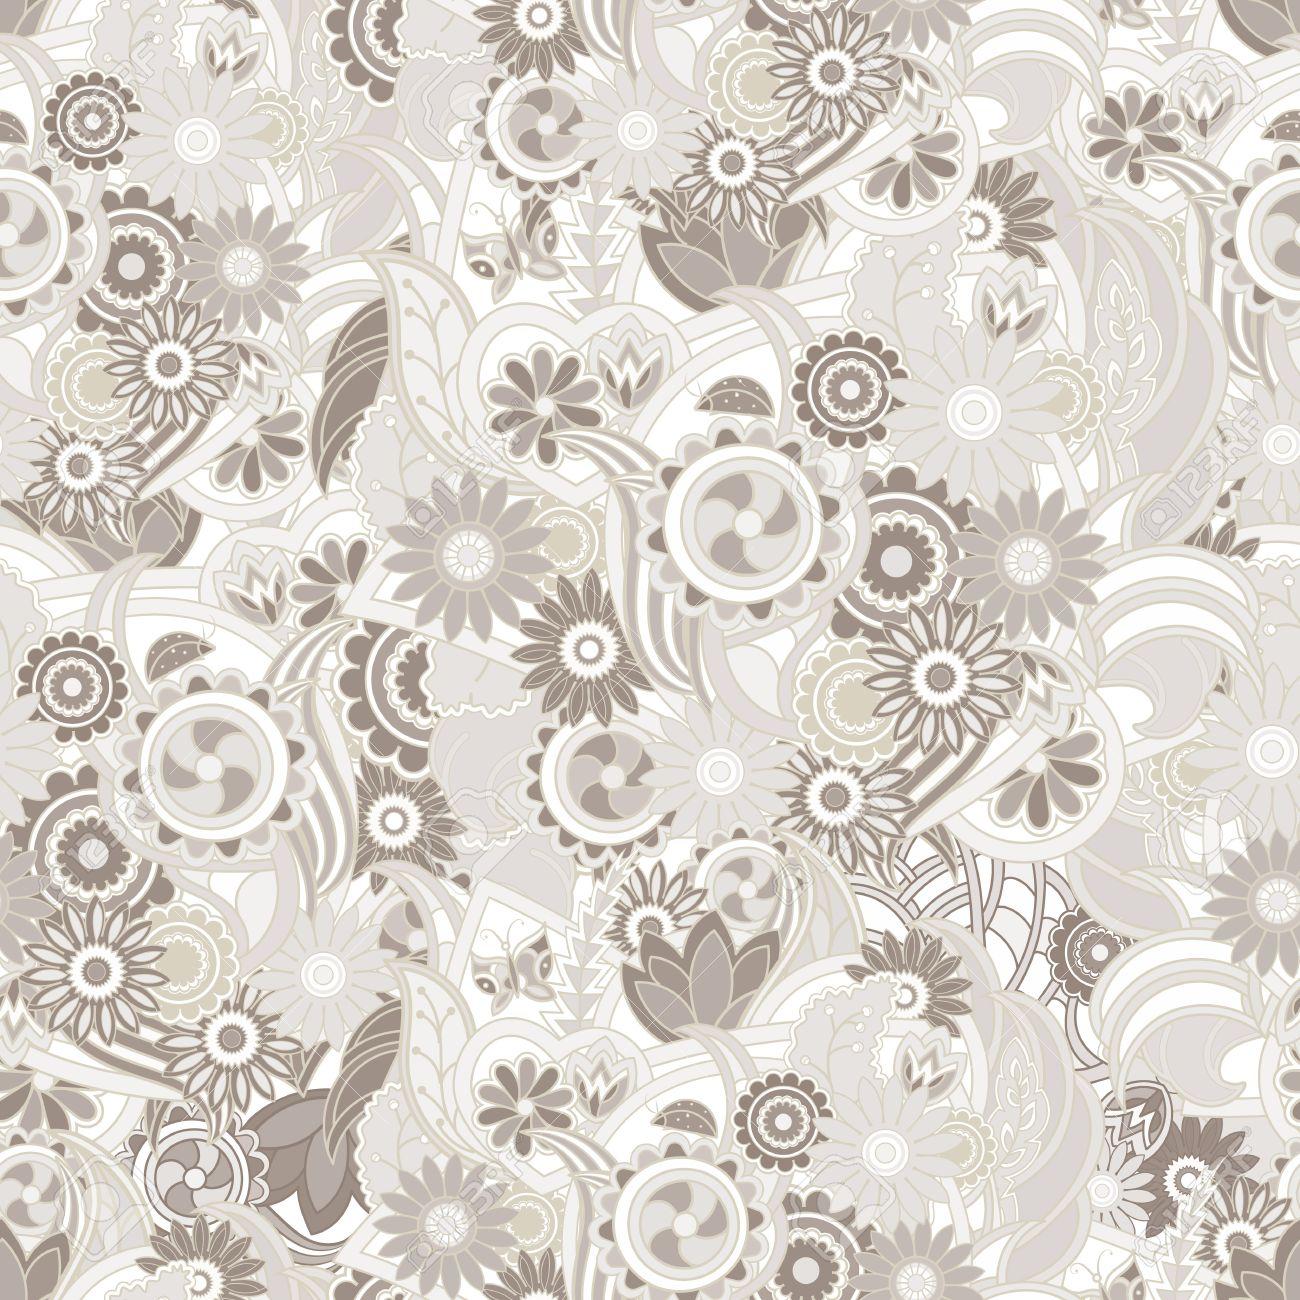 floral pastell hellbraunen hintergrund. nahtlose textur mit blumen